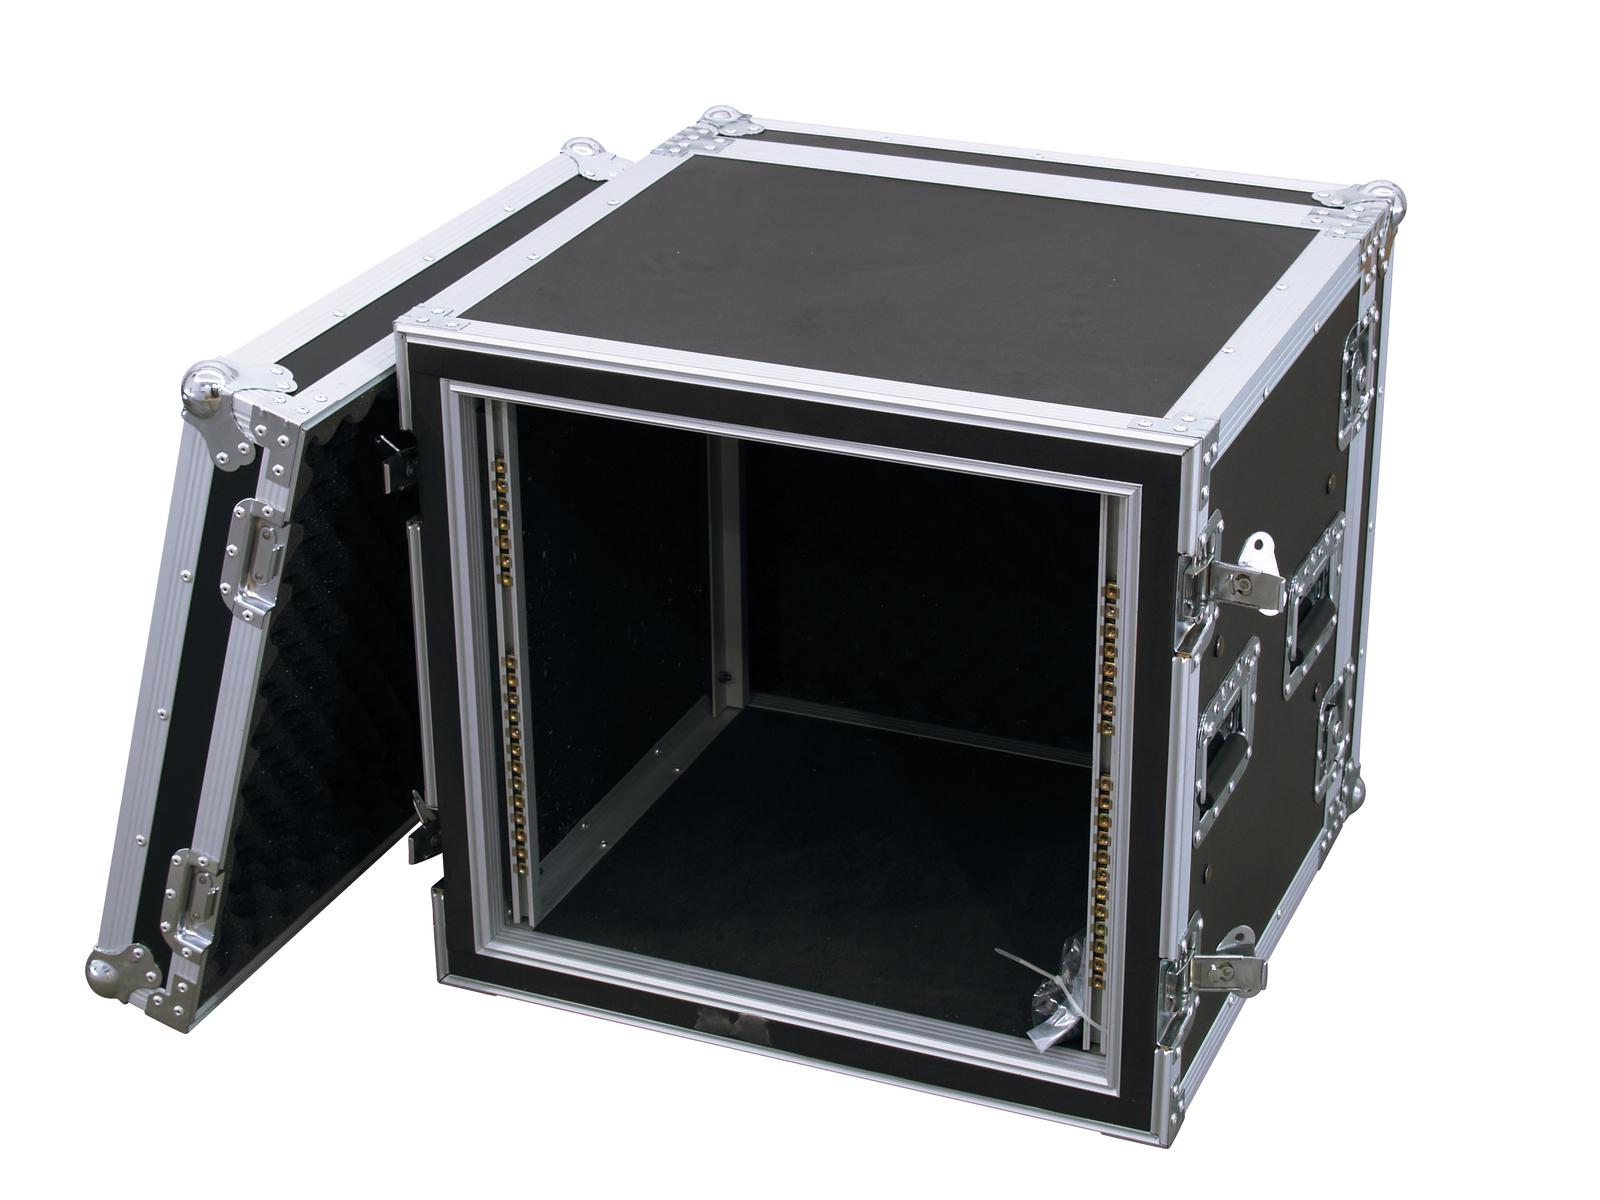 ROADINGER Amplificatore rack SP-2, 10U, a prova di scossa